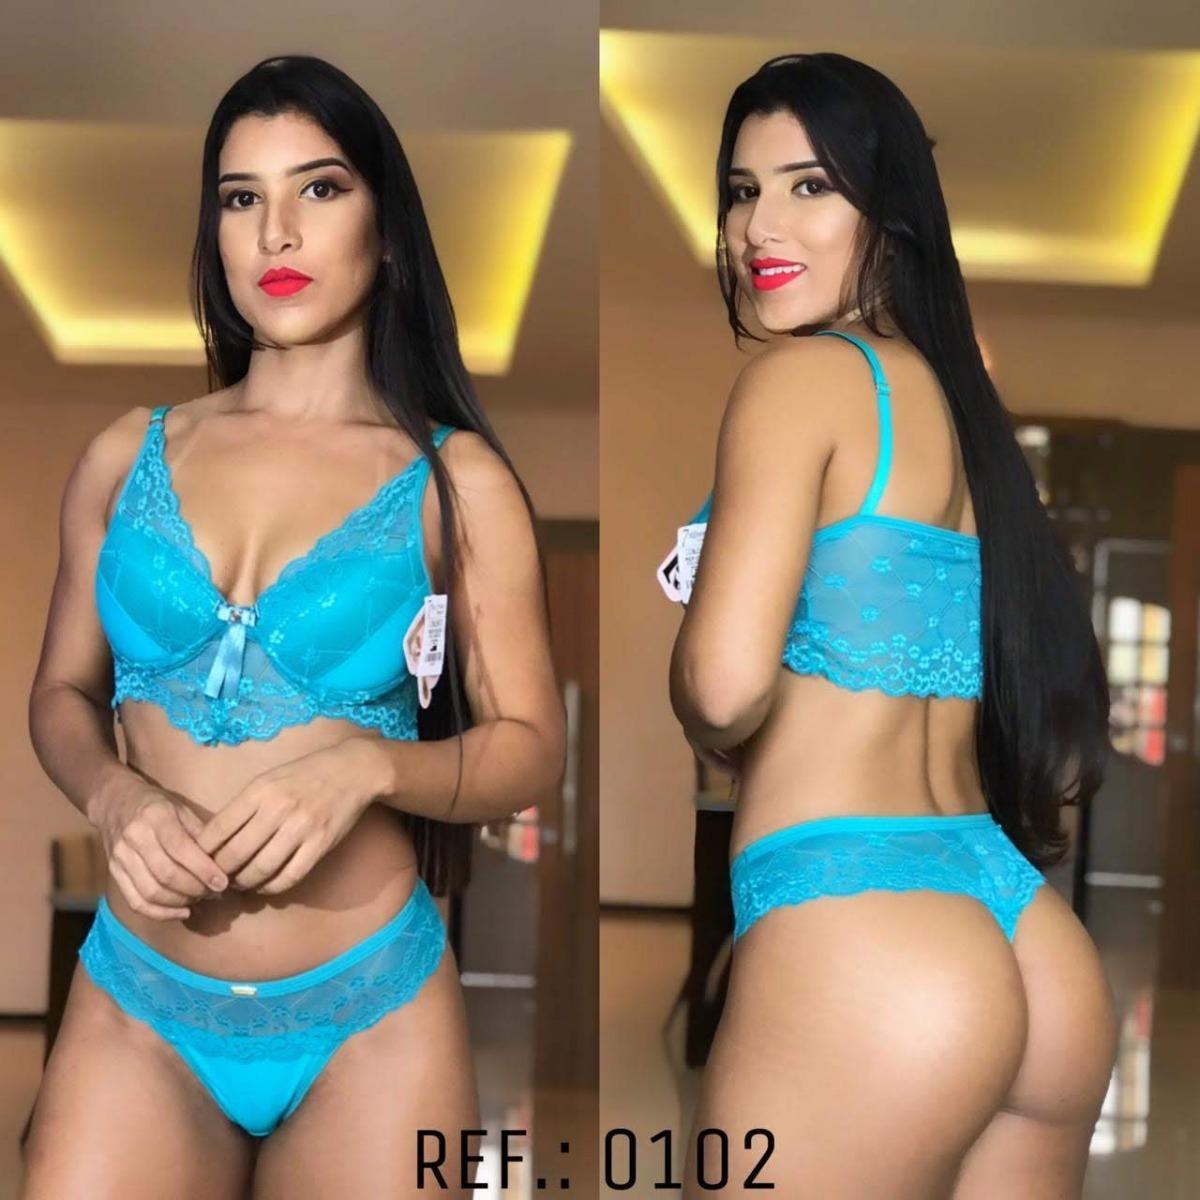 db0f8f9d1 Conjunto Luxo No Atacado Lindas Lingerie Na Promoção Kit 10 - R  179 ...